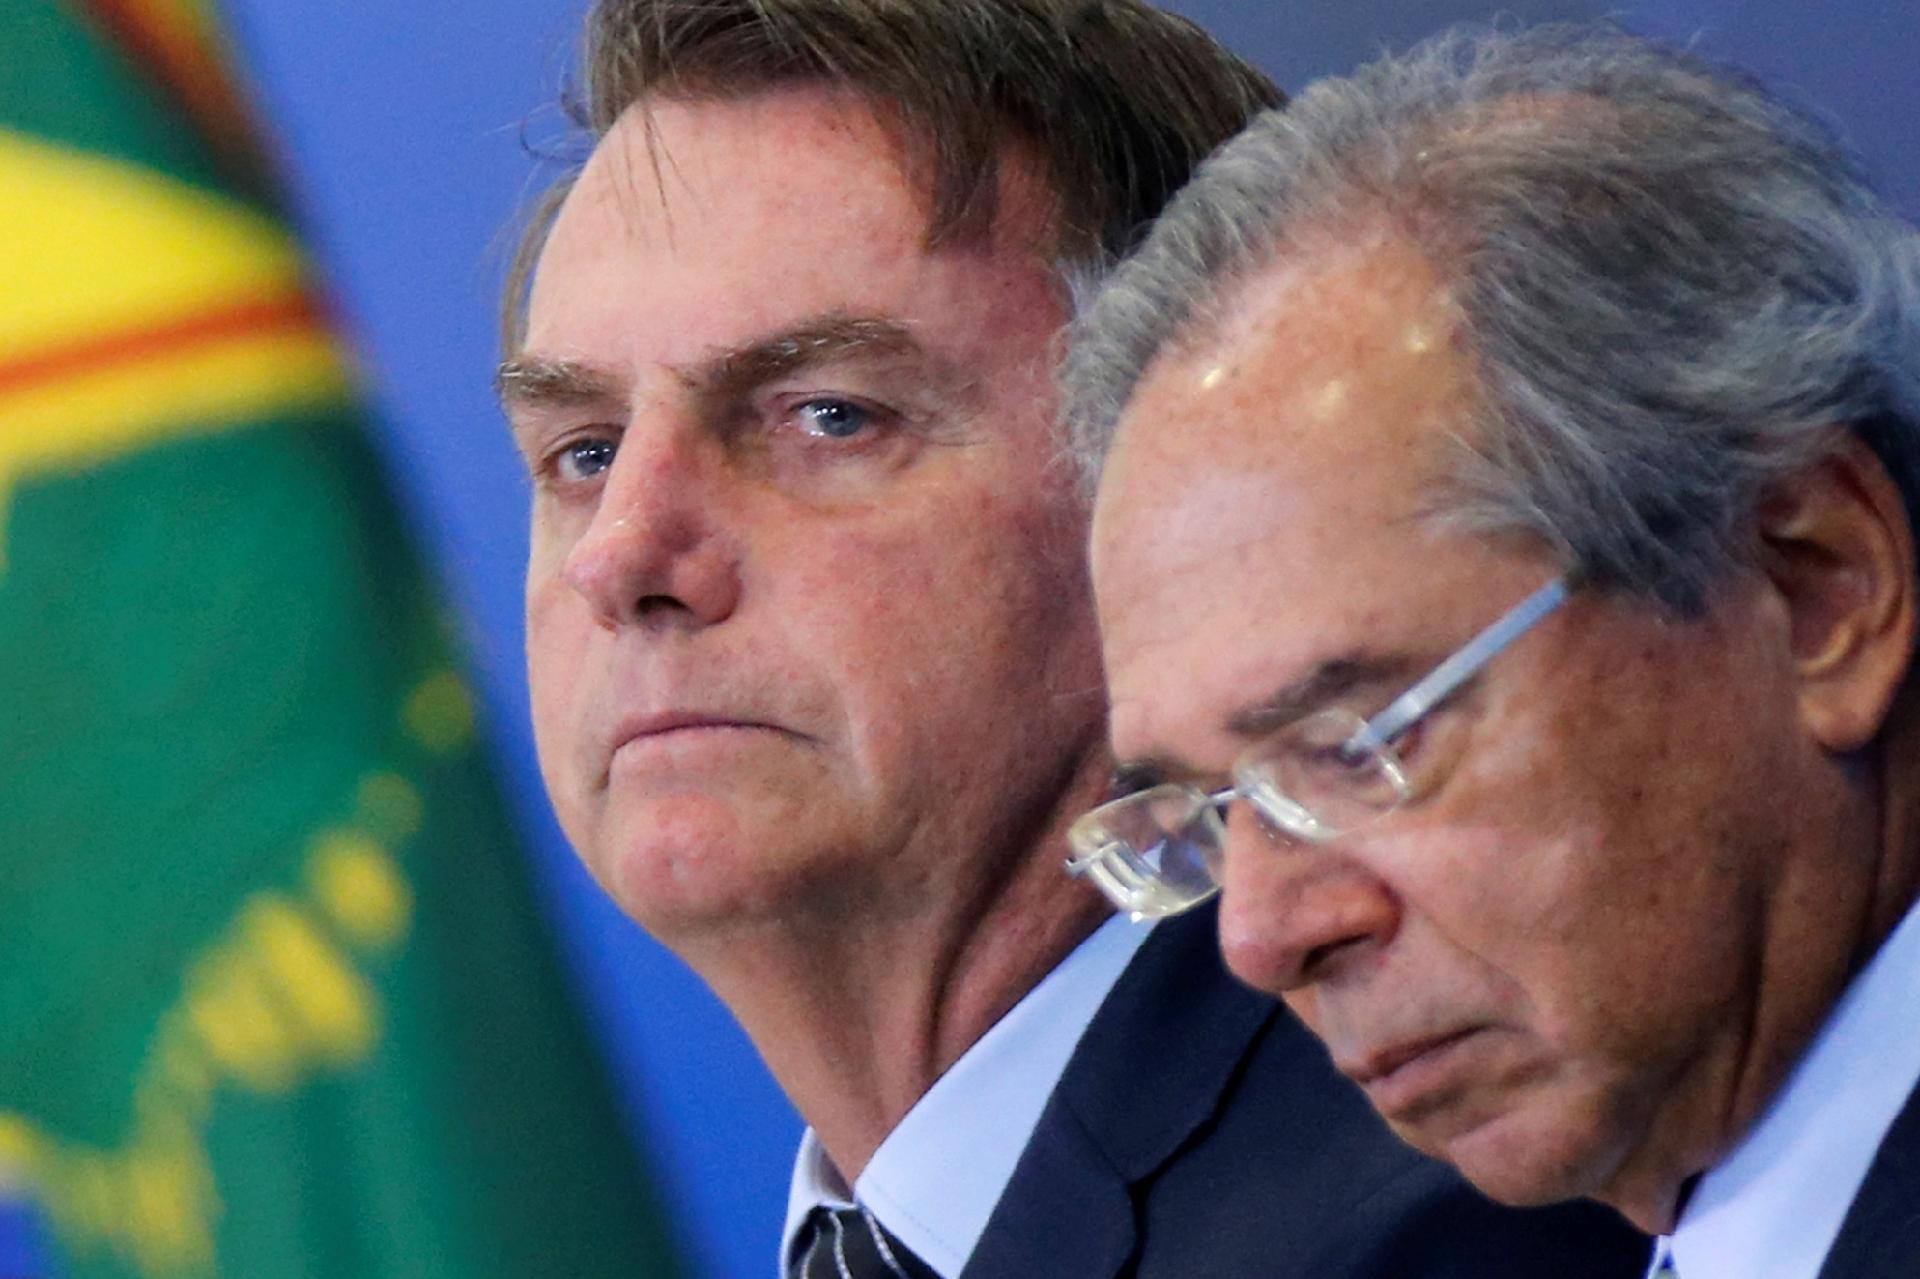 Guedes sobre crítica de Bolsonaro ao Renda Brasil: 'Ele é quem decide' - Notícias - BOL